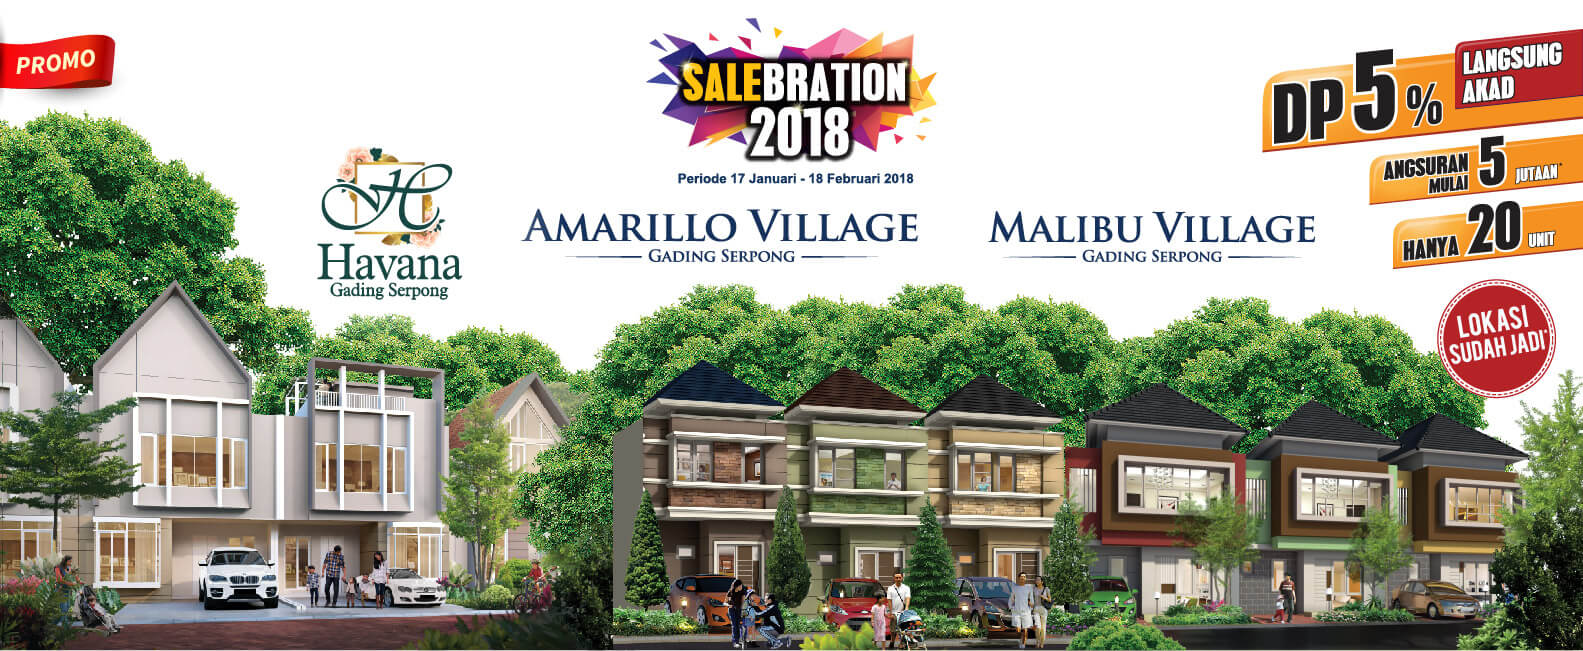 Promo 2018 Beli Rumah Distrik Malibu Gading Serpong